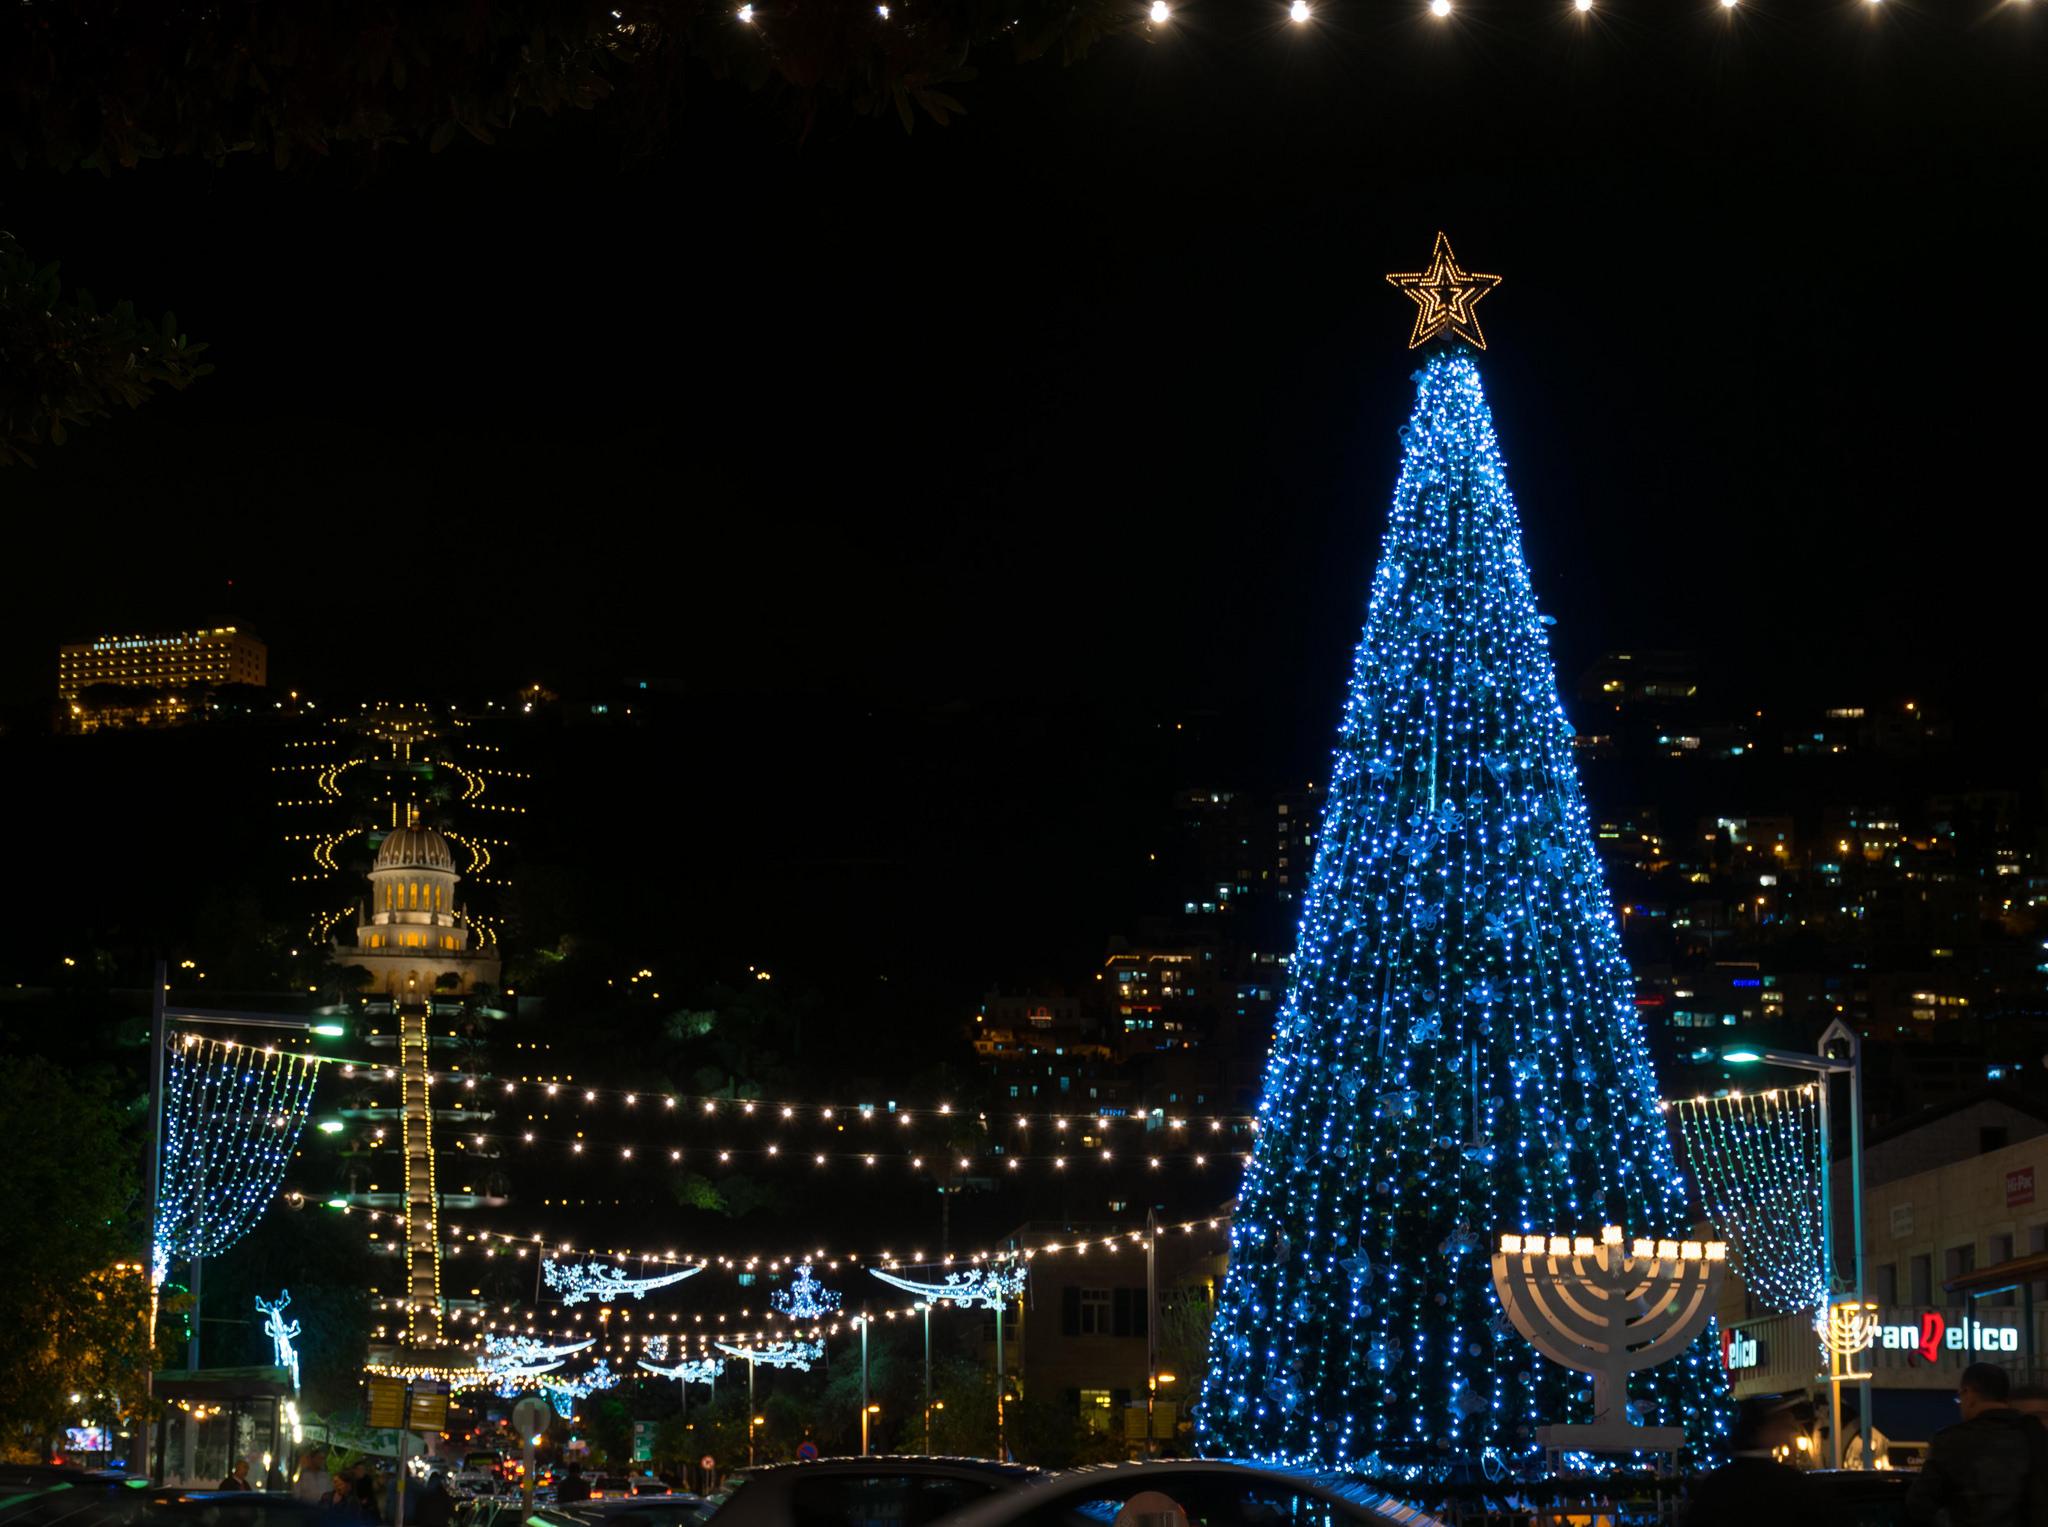 Korlátozott létszámban engedélyezett csak az izraeli keresztények számára a karácsonyi ünneplés